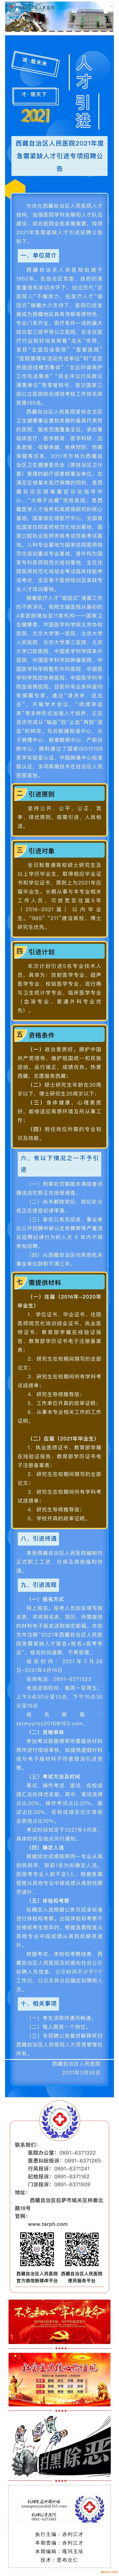 2021年西藏自治区人民医院急需紧缺人才引进专项招聘公告